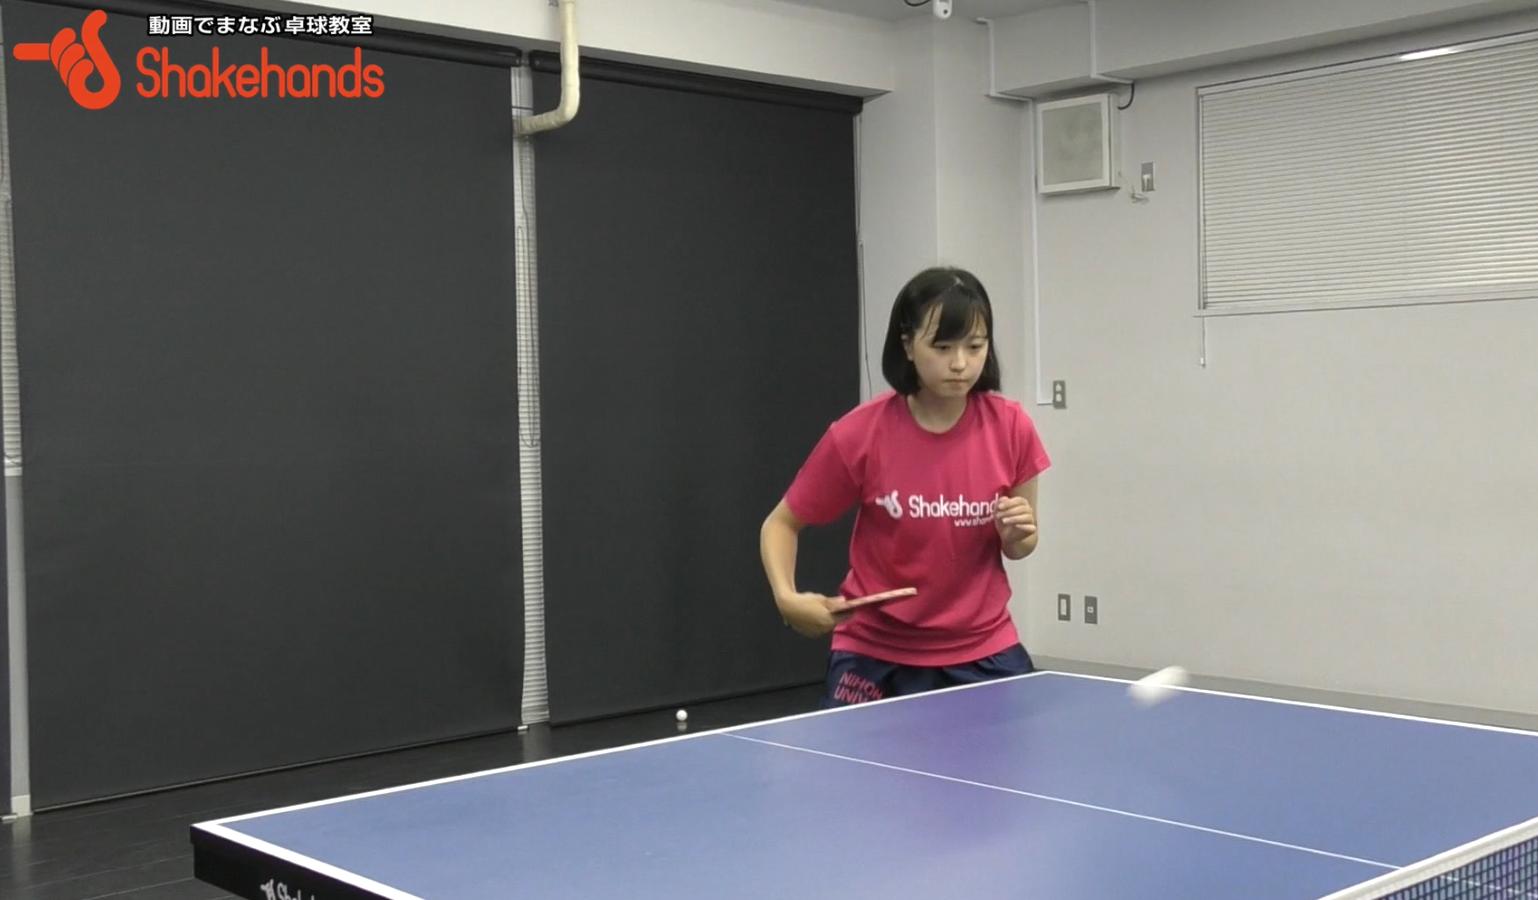 【平岡義博】特別レッスン、受付中! 台上ボールを得意に!